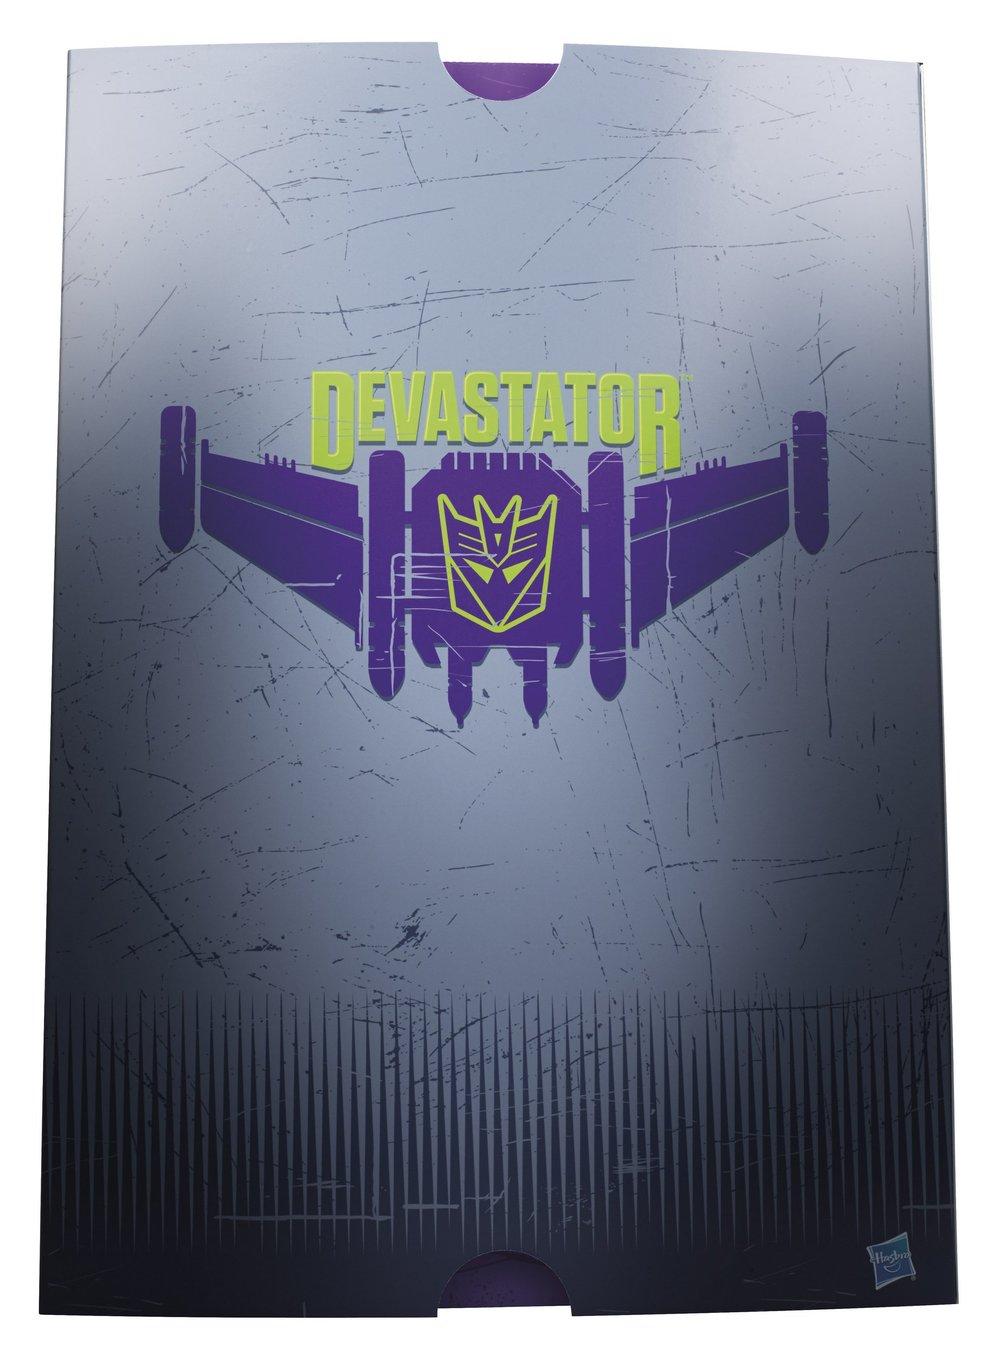 Devastator-PKG-3_1434047846.jpg